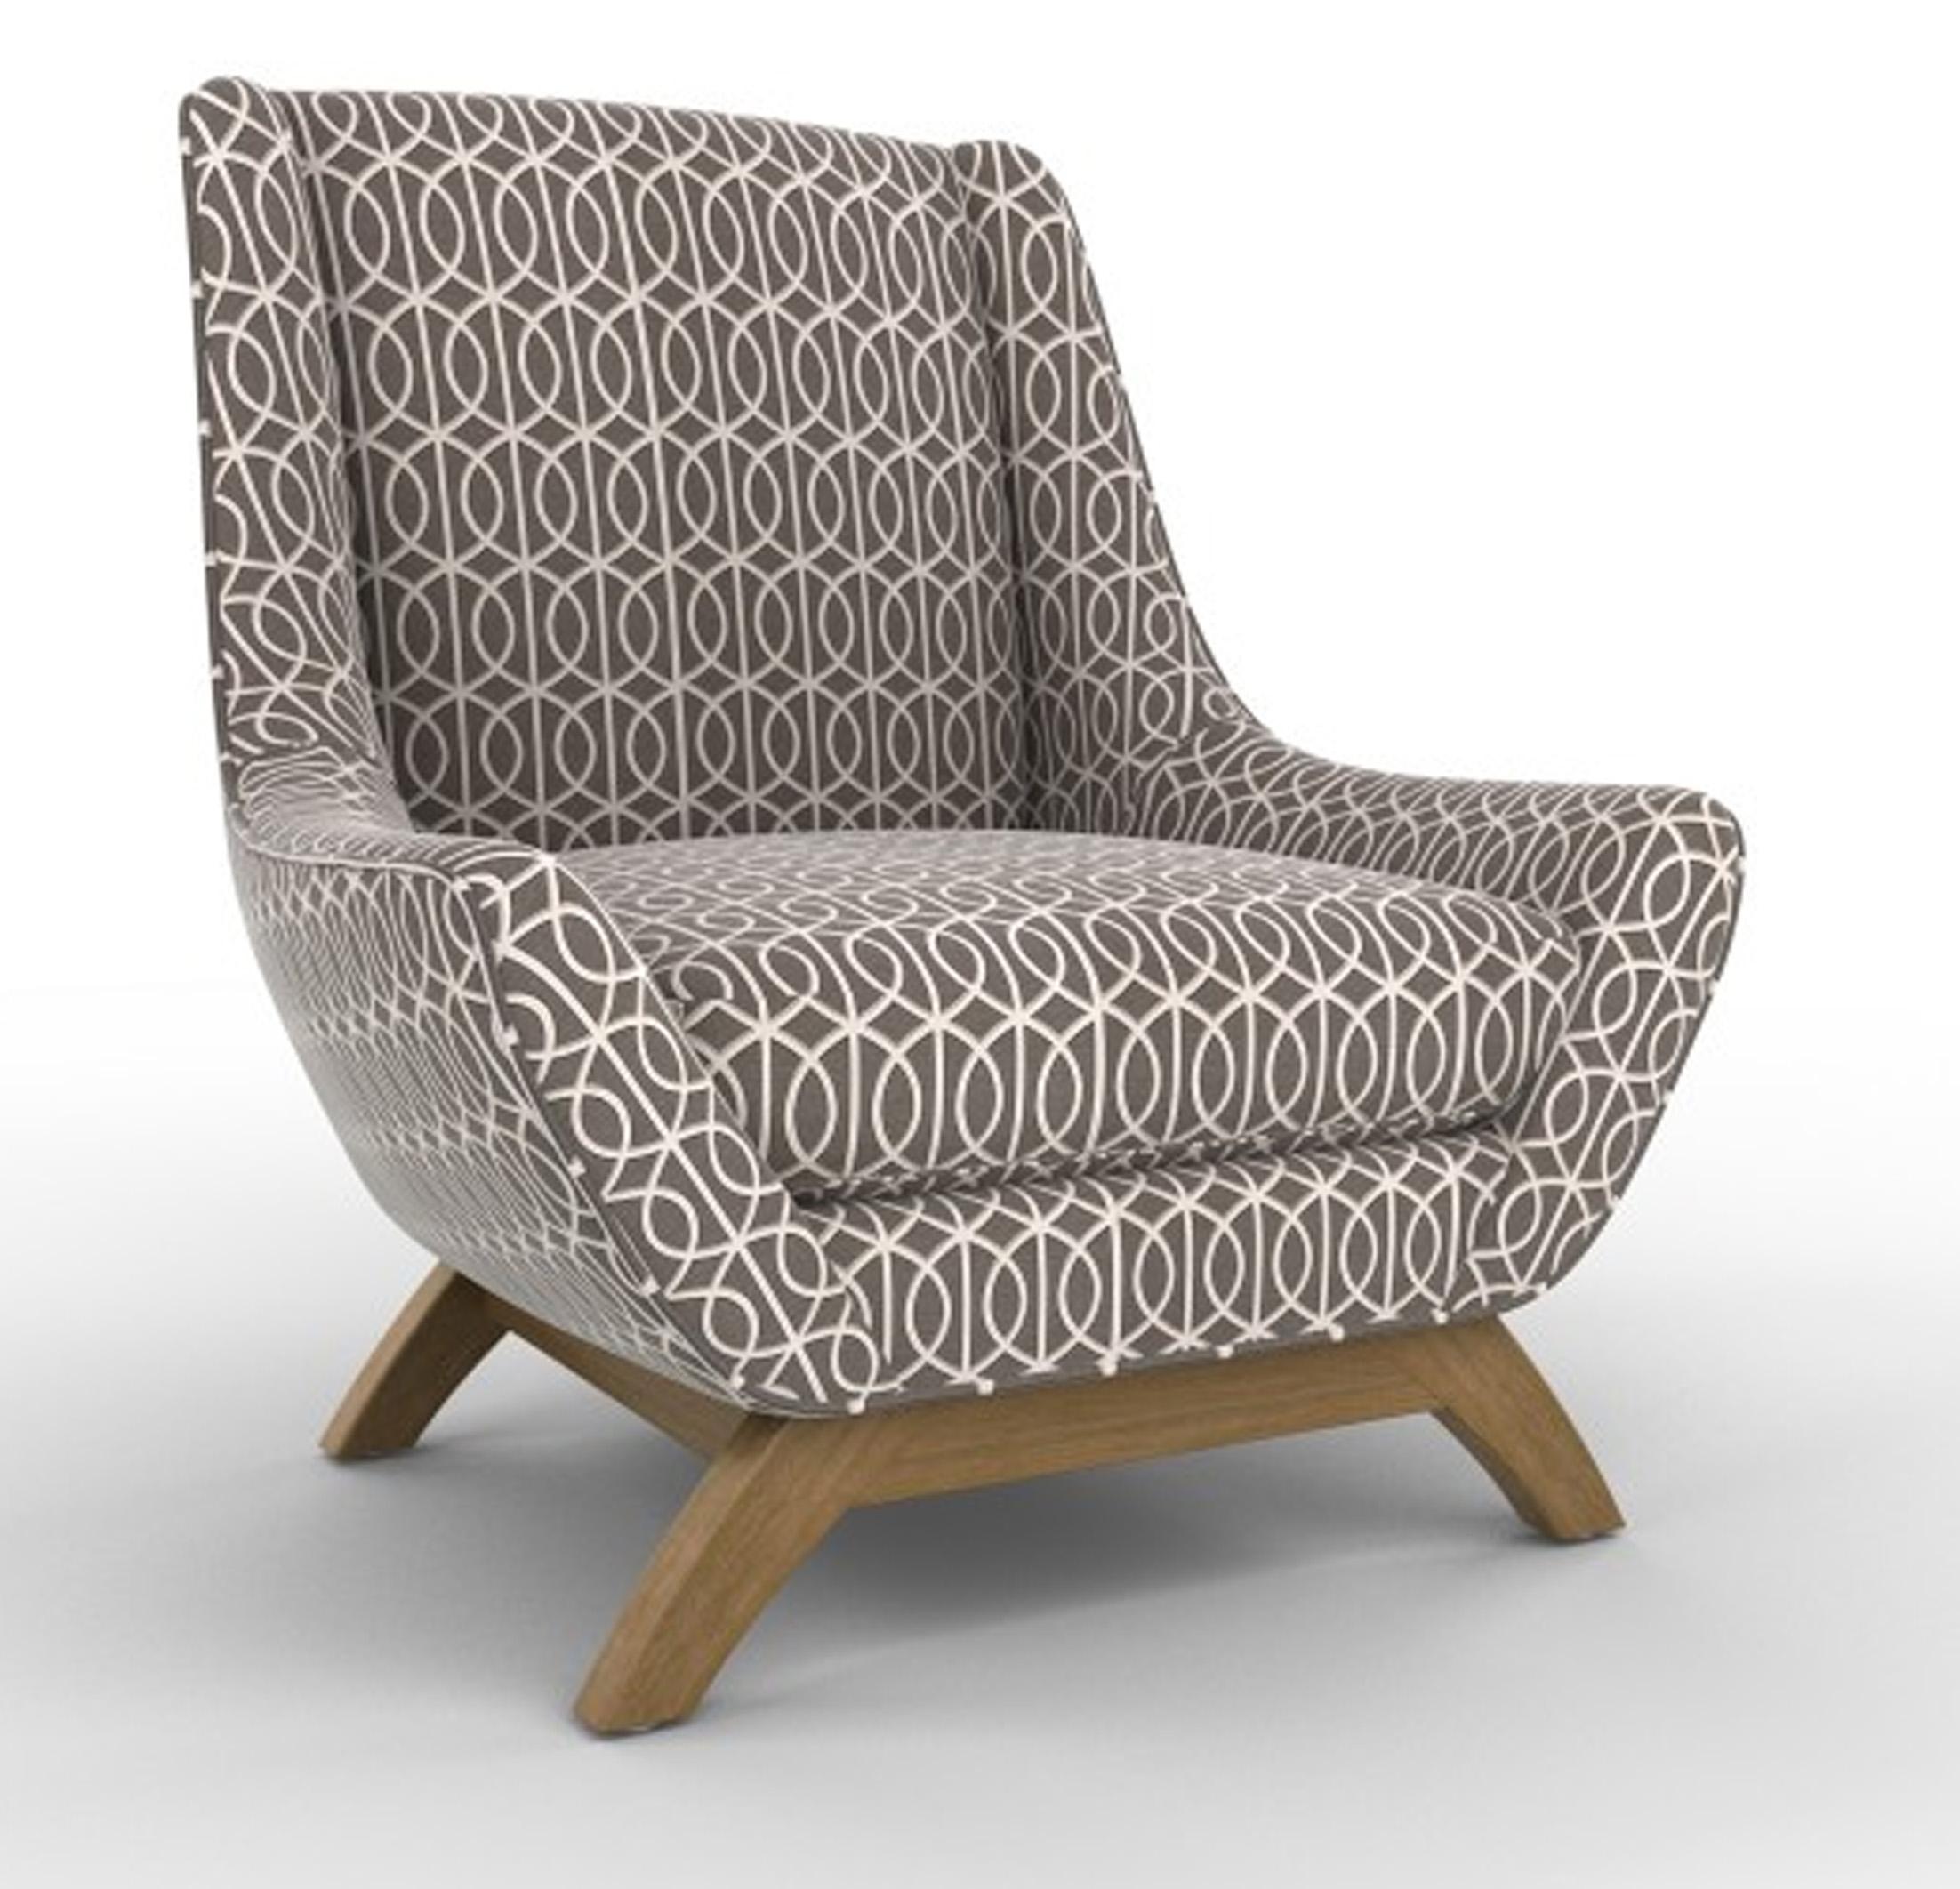 Des petits poneys dans ma d co frenchy fancy - Comment nettoyer un fauteuil en tissu ...